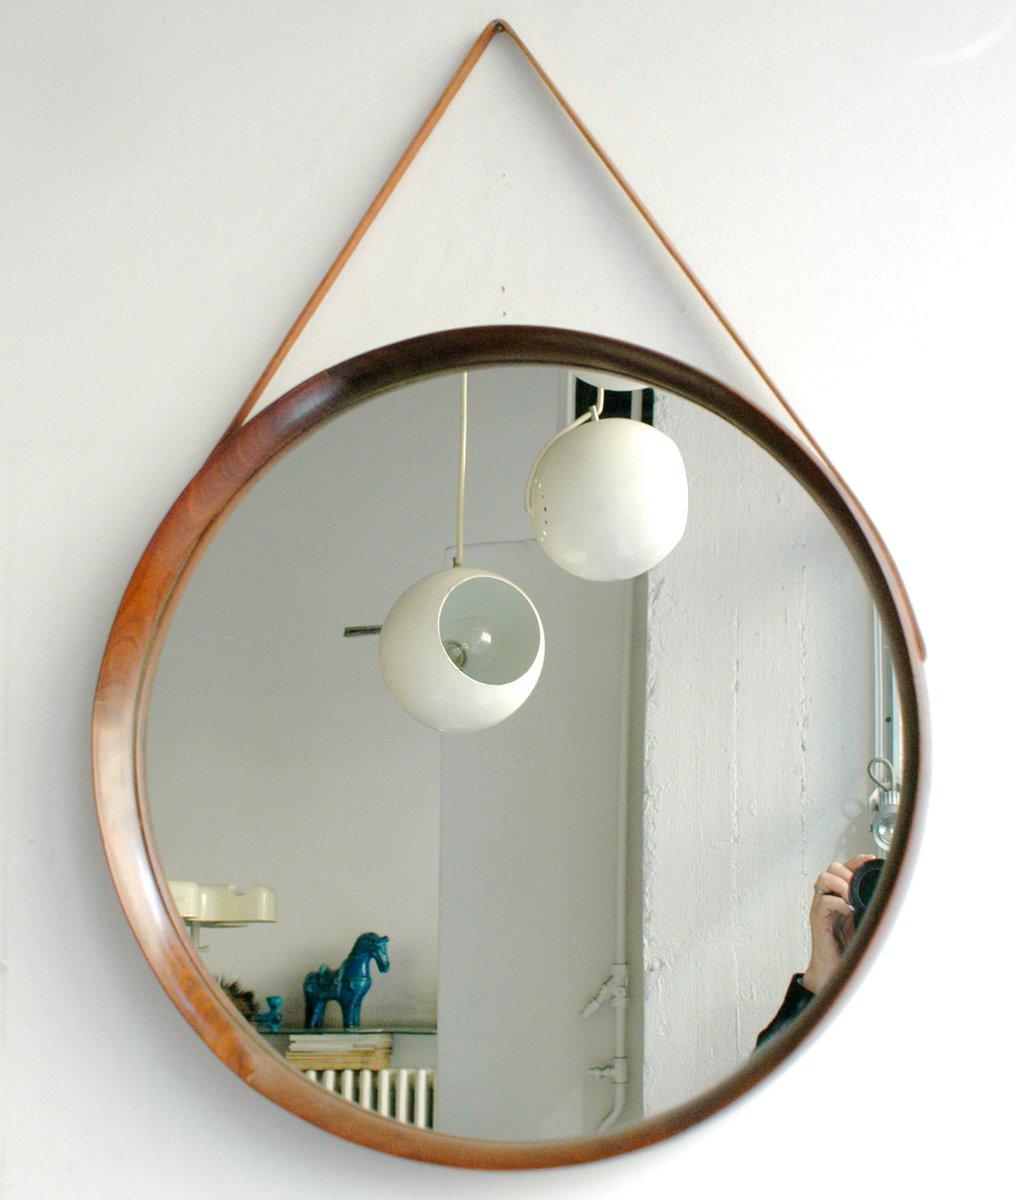 miroir rond en palissandre par uno oesten kristiansson pour luxus suede 1960s 1 Résultat Supérieur 16 Beau Miroir Rond Pic 2017 Zzt4